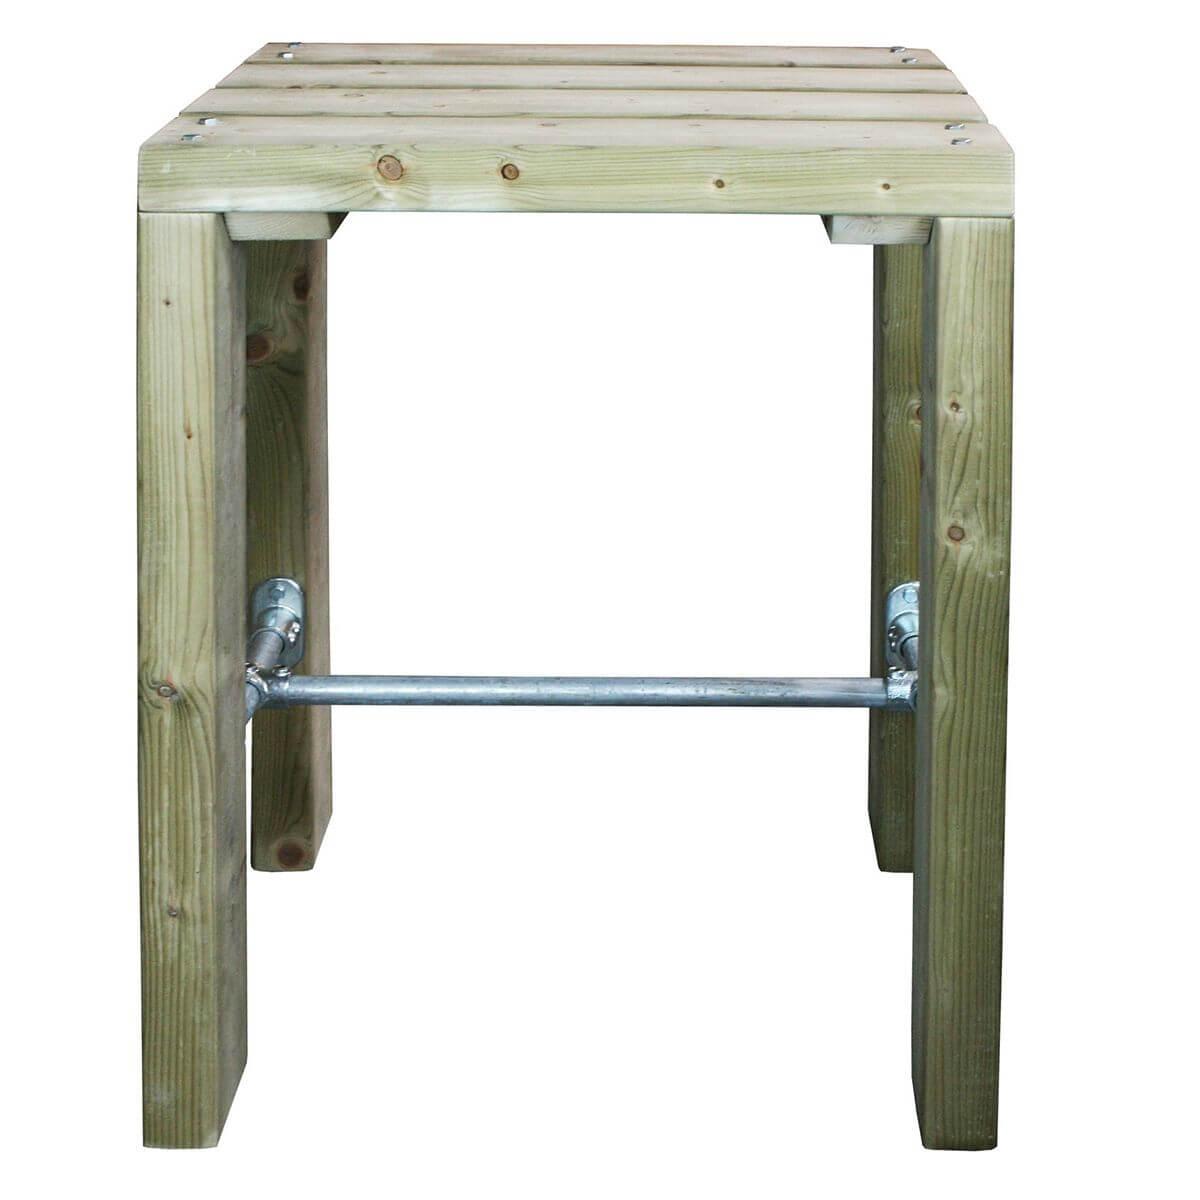 harrogate-table3-min